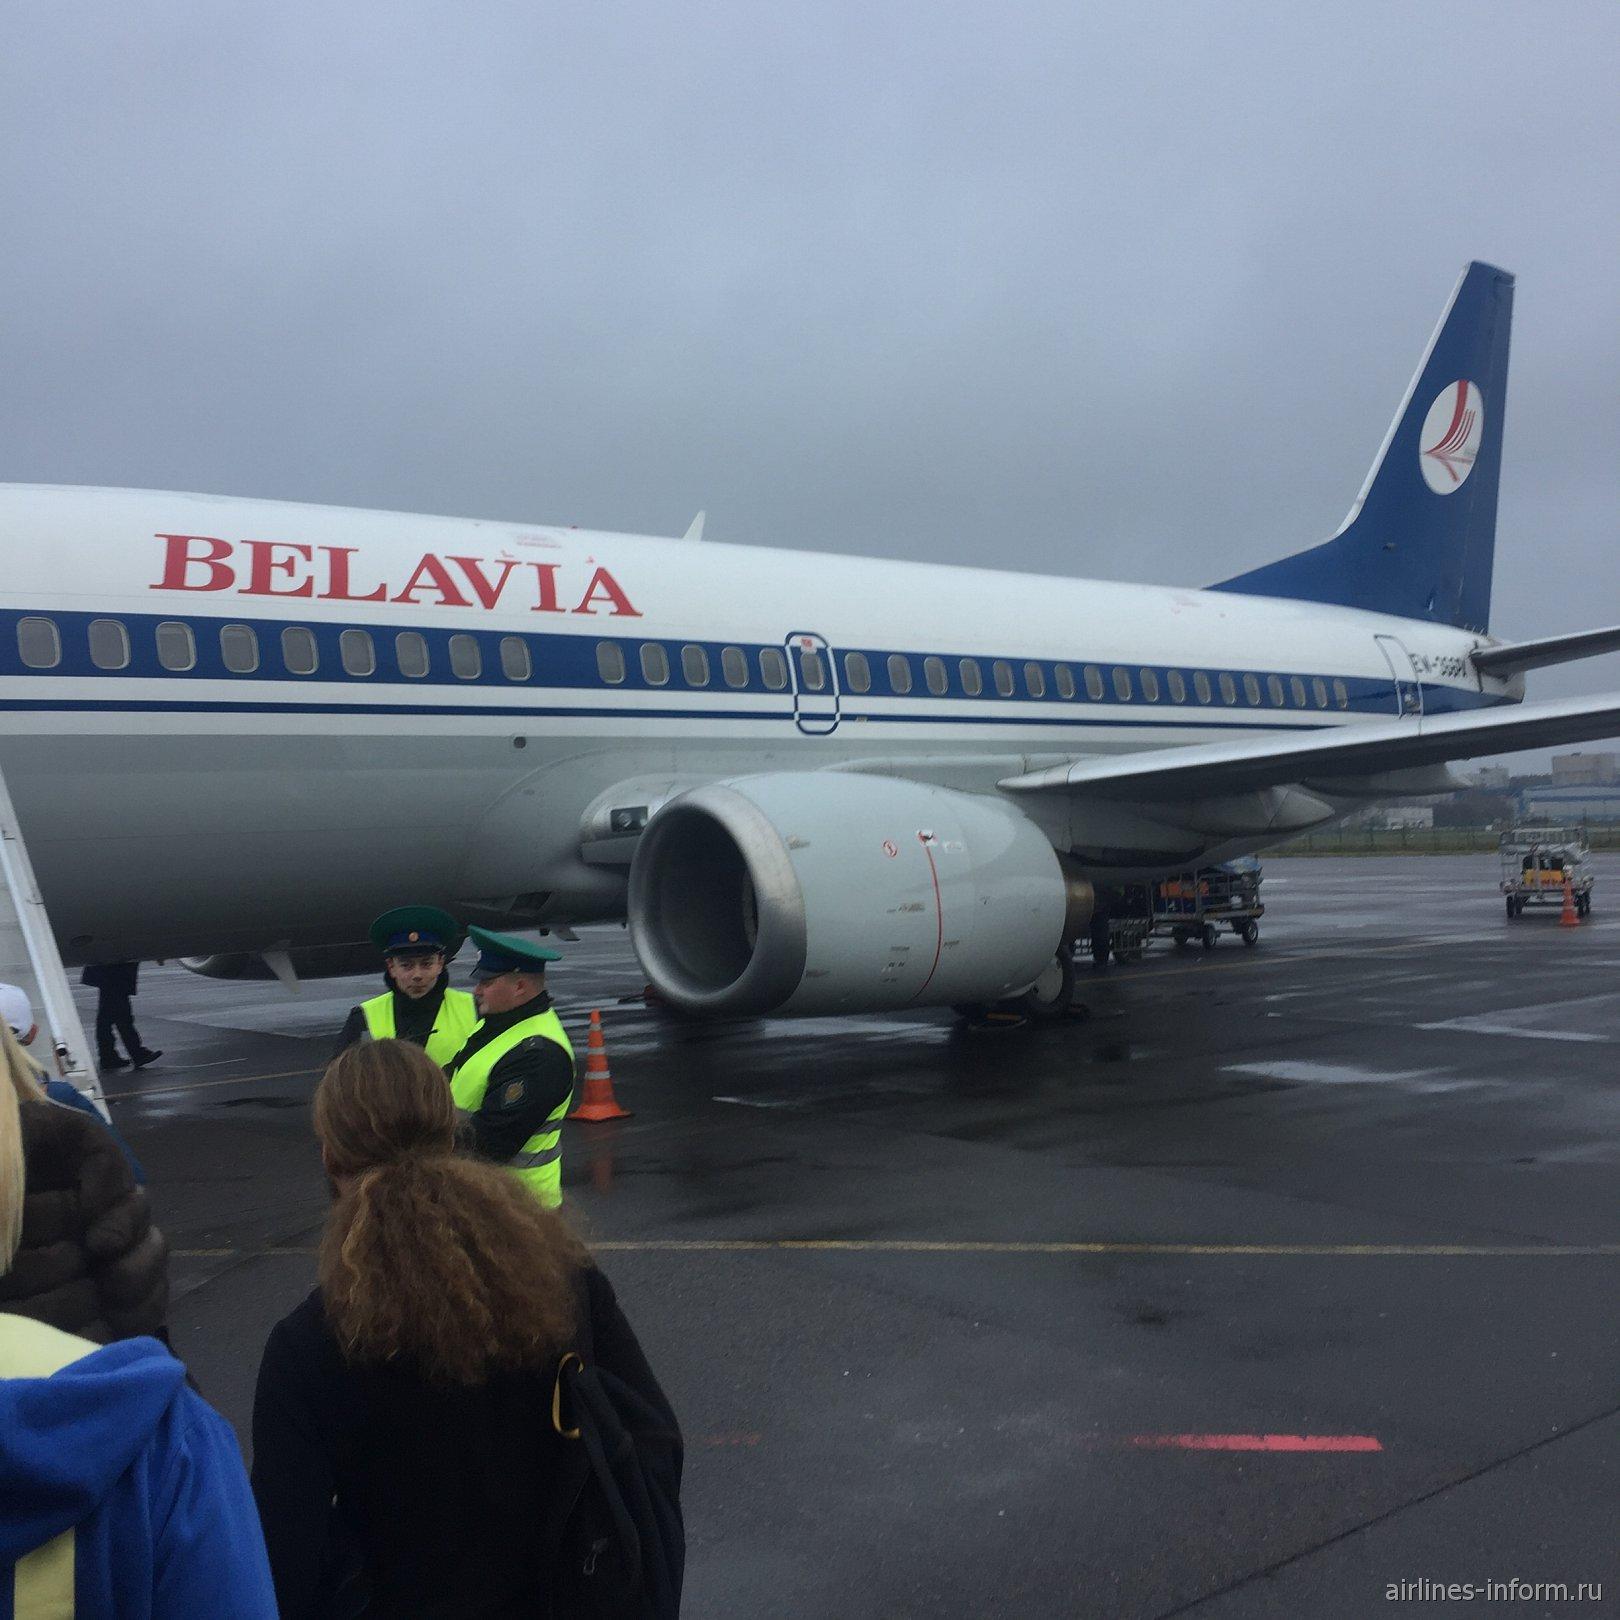 Уик-энд по-белорусски: Жуковский - Минск с Belavia